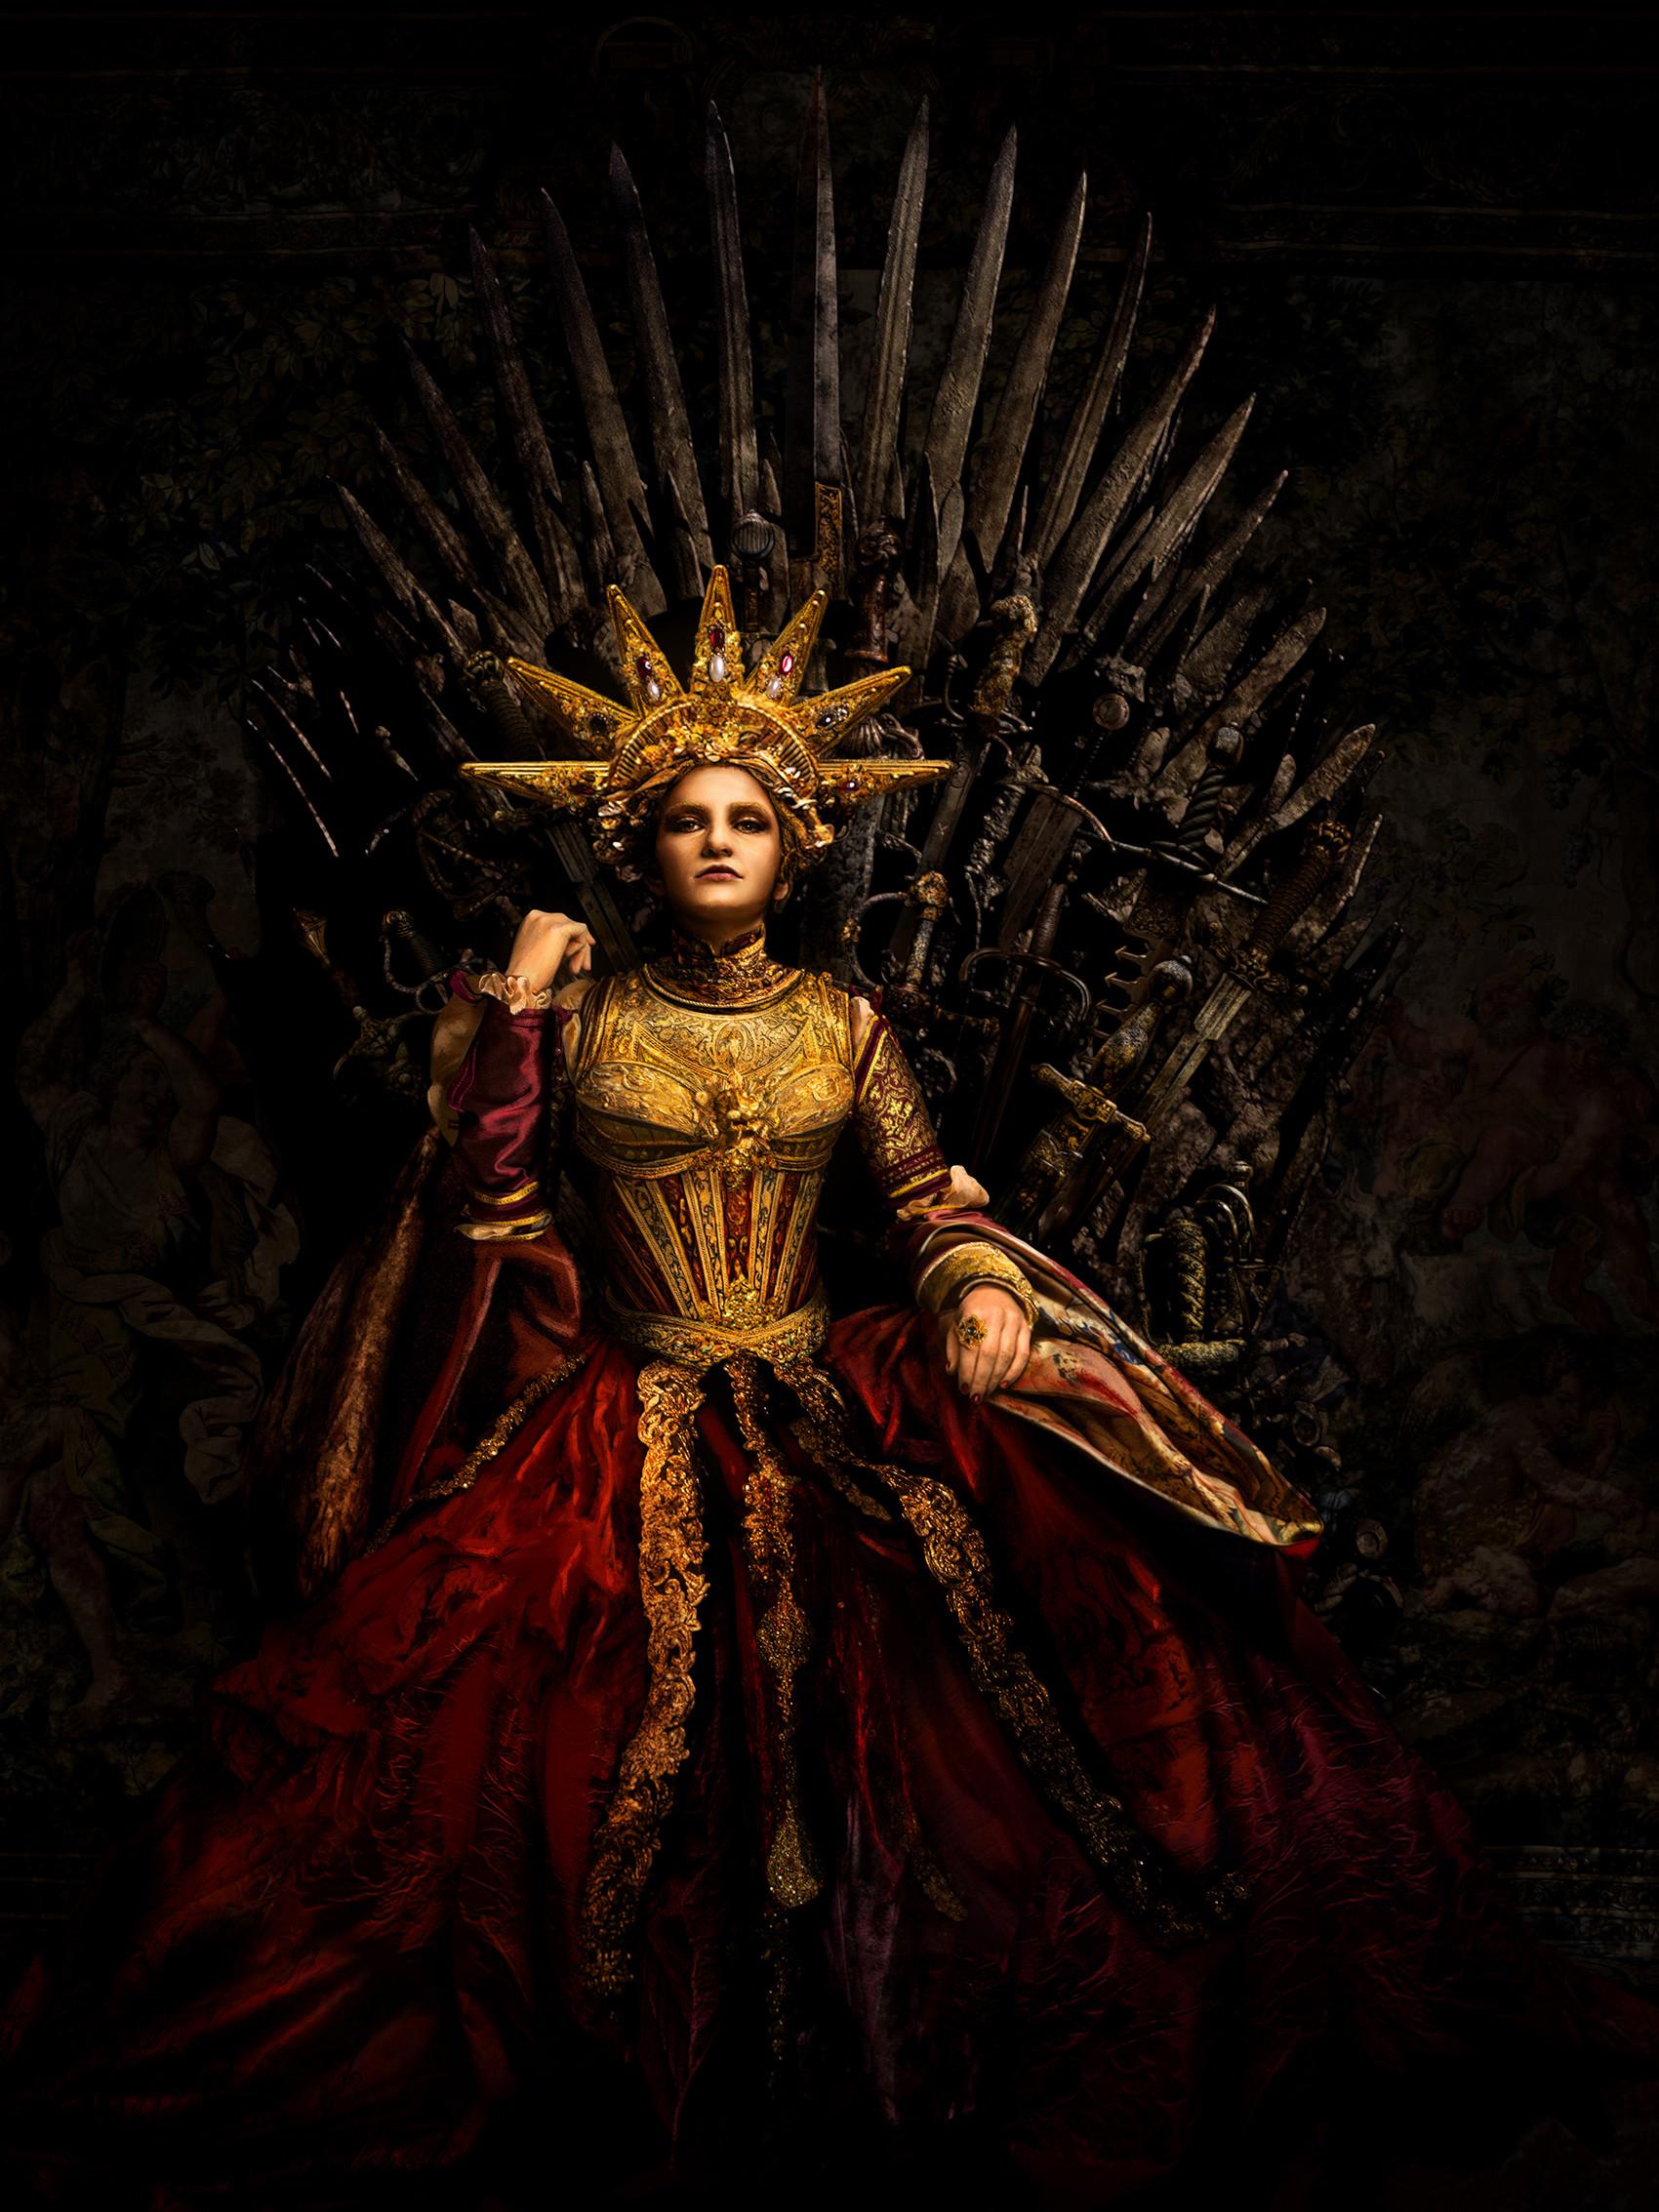 Eva kedves cersei lannister as